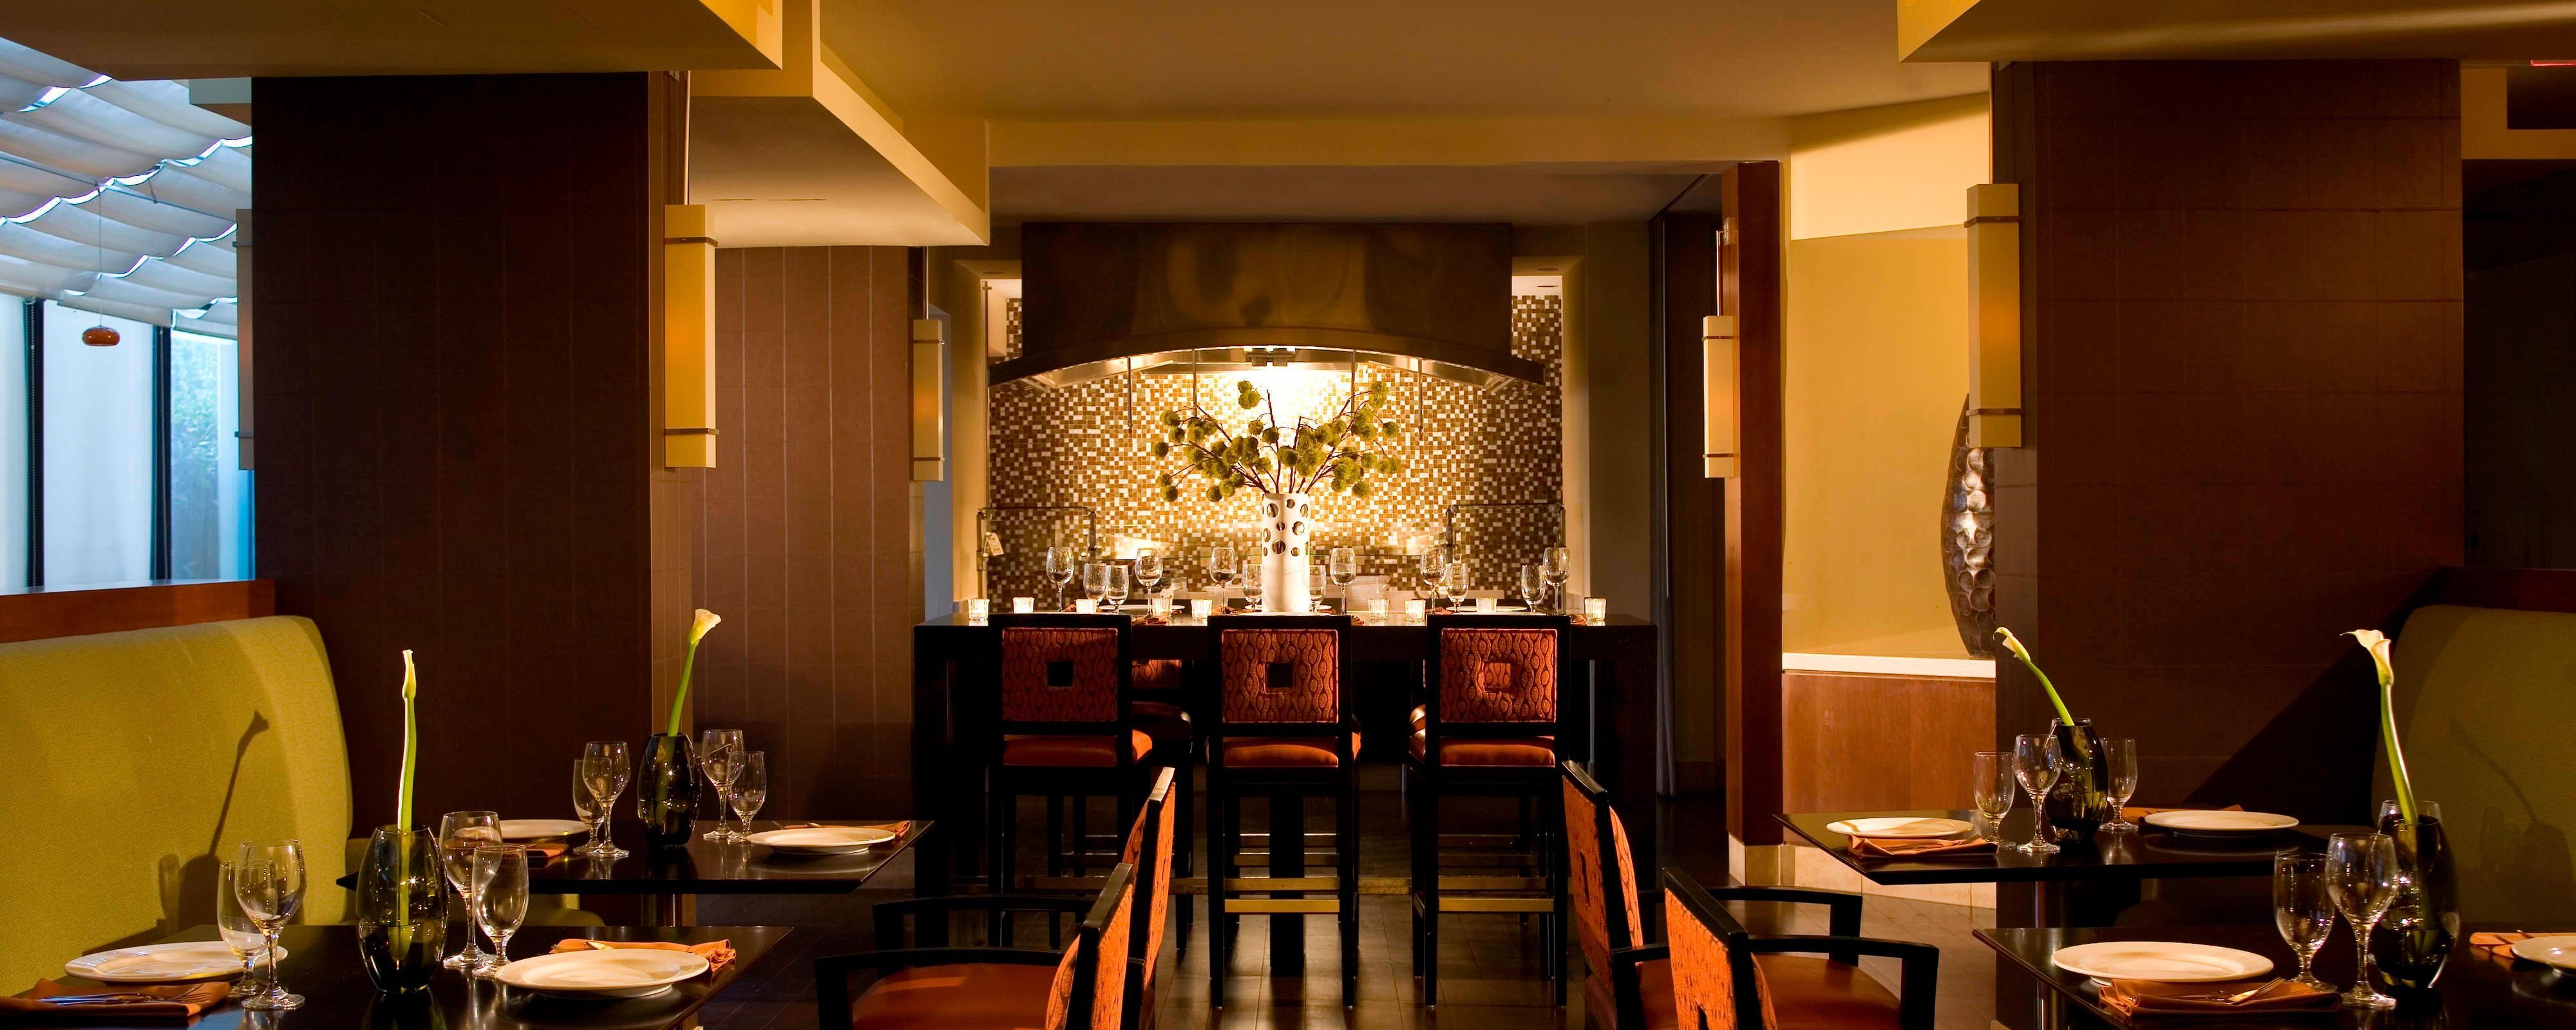 Restaurants In Arlington, VA   Rosslyn Hotel Restaurant   Key Bridge  Marriott